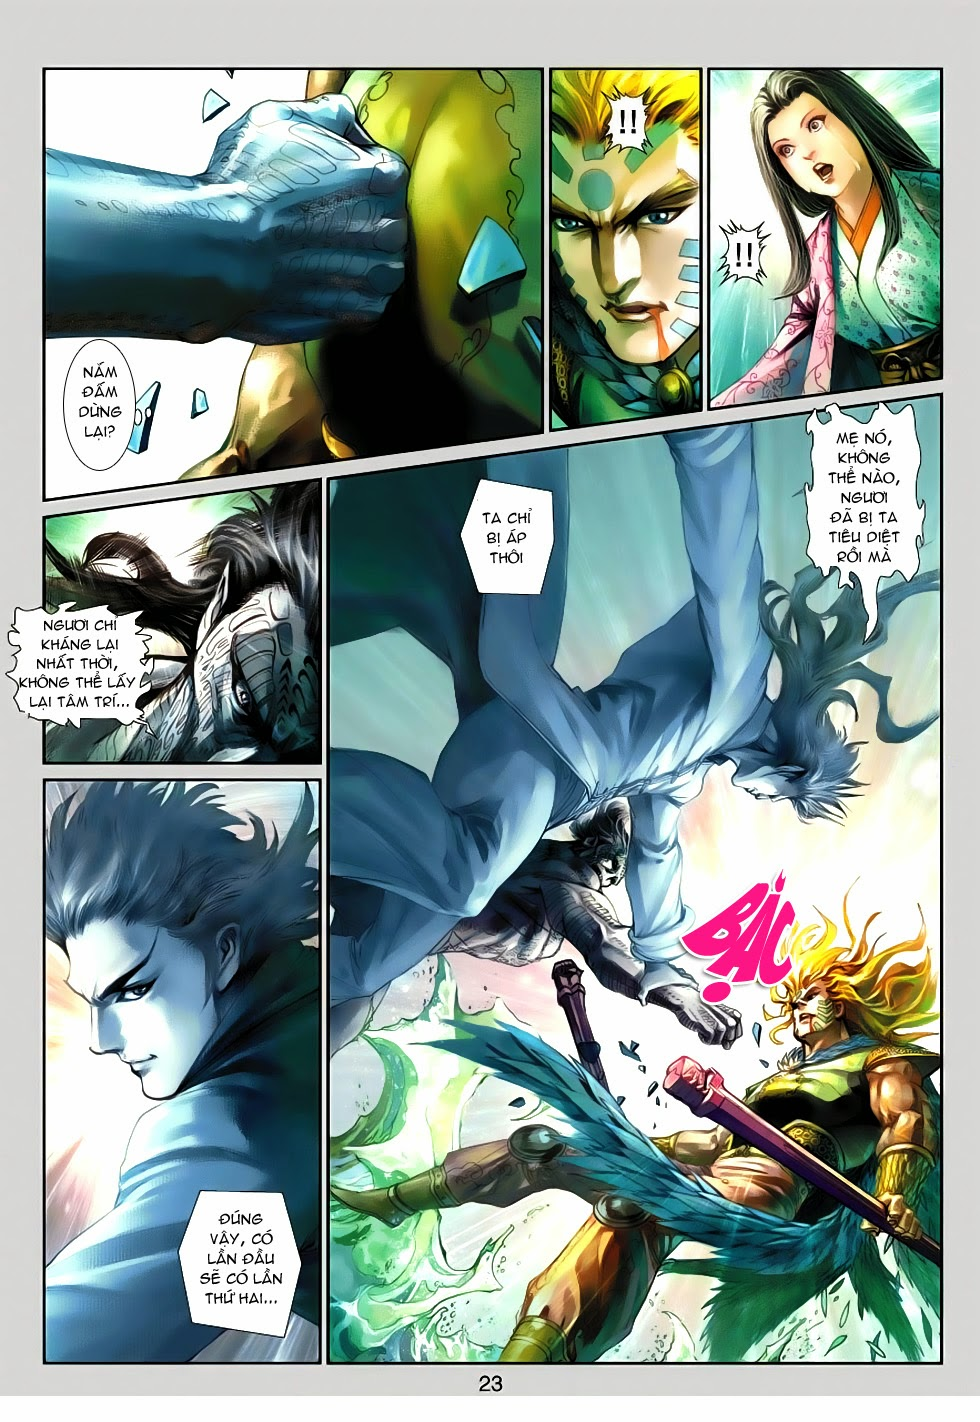 Thần Binh Tiền Truyện 4 - Huyền Thiên Tà Đế chap 13 - Trang 23